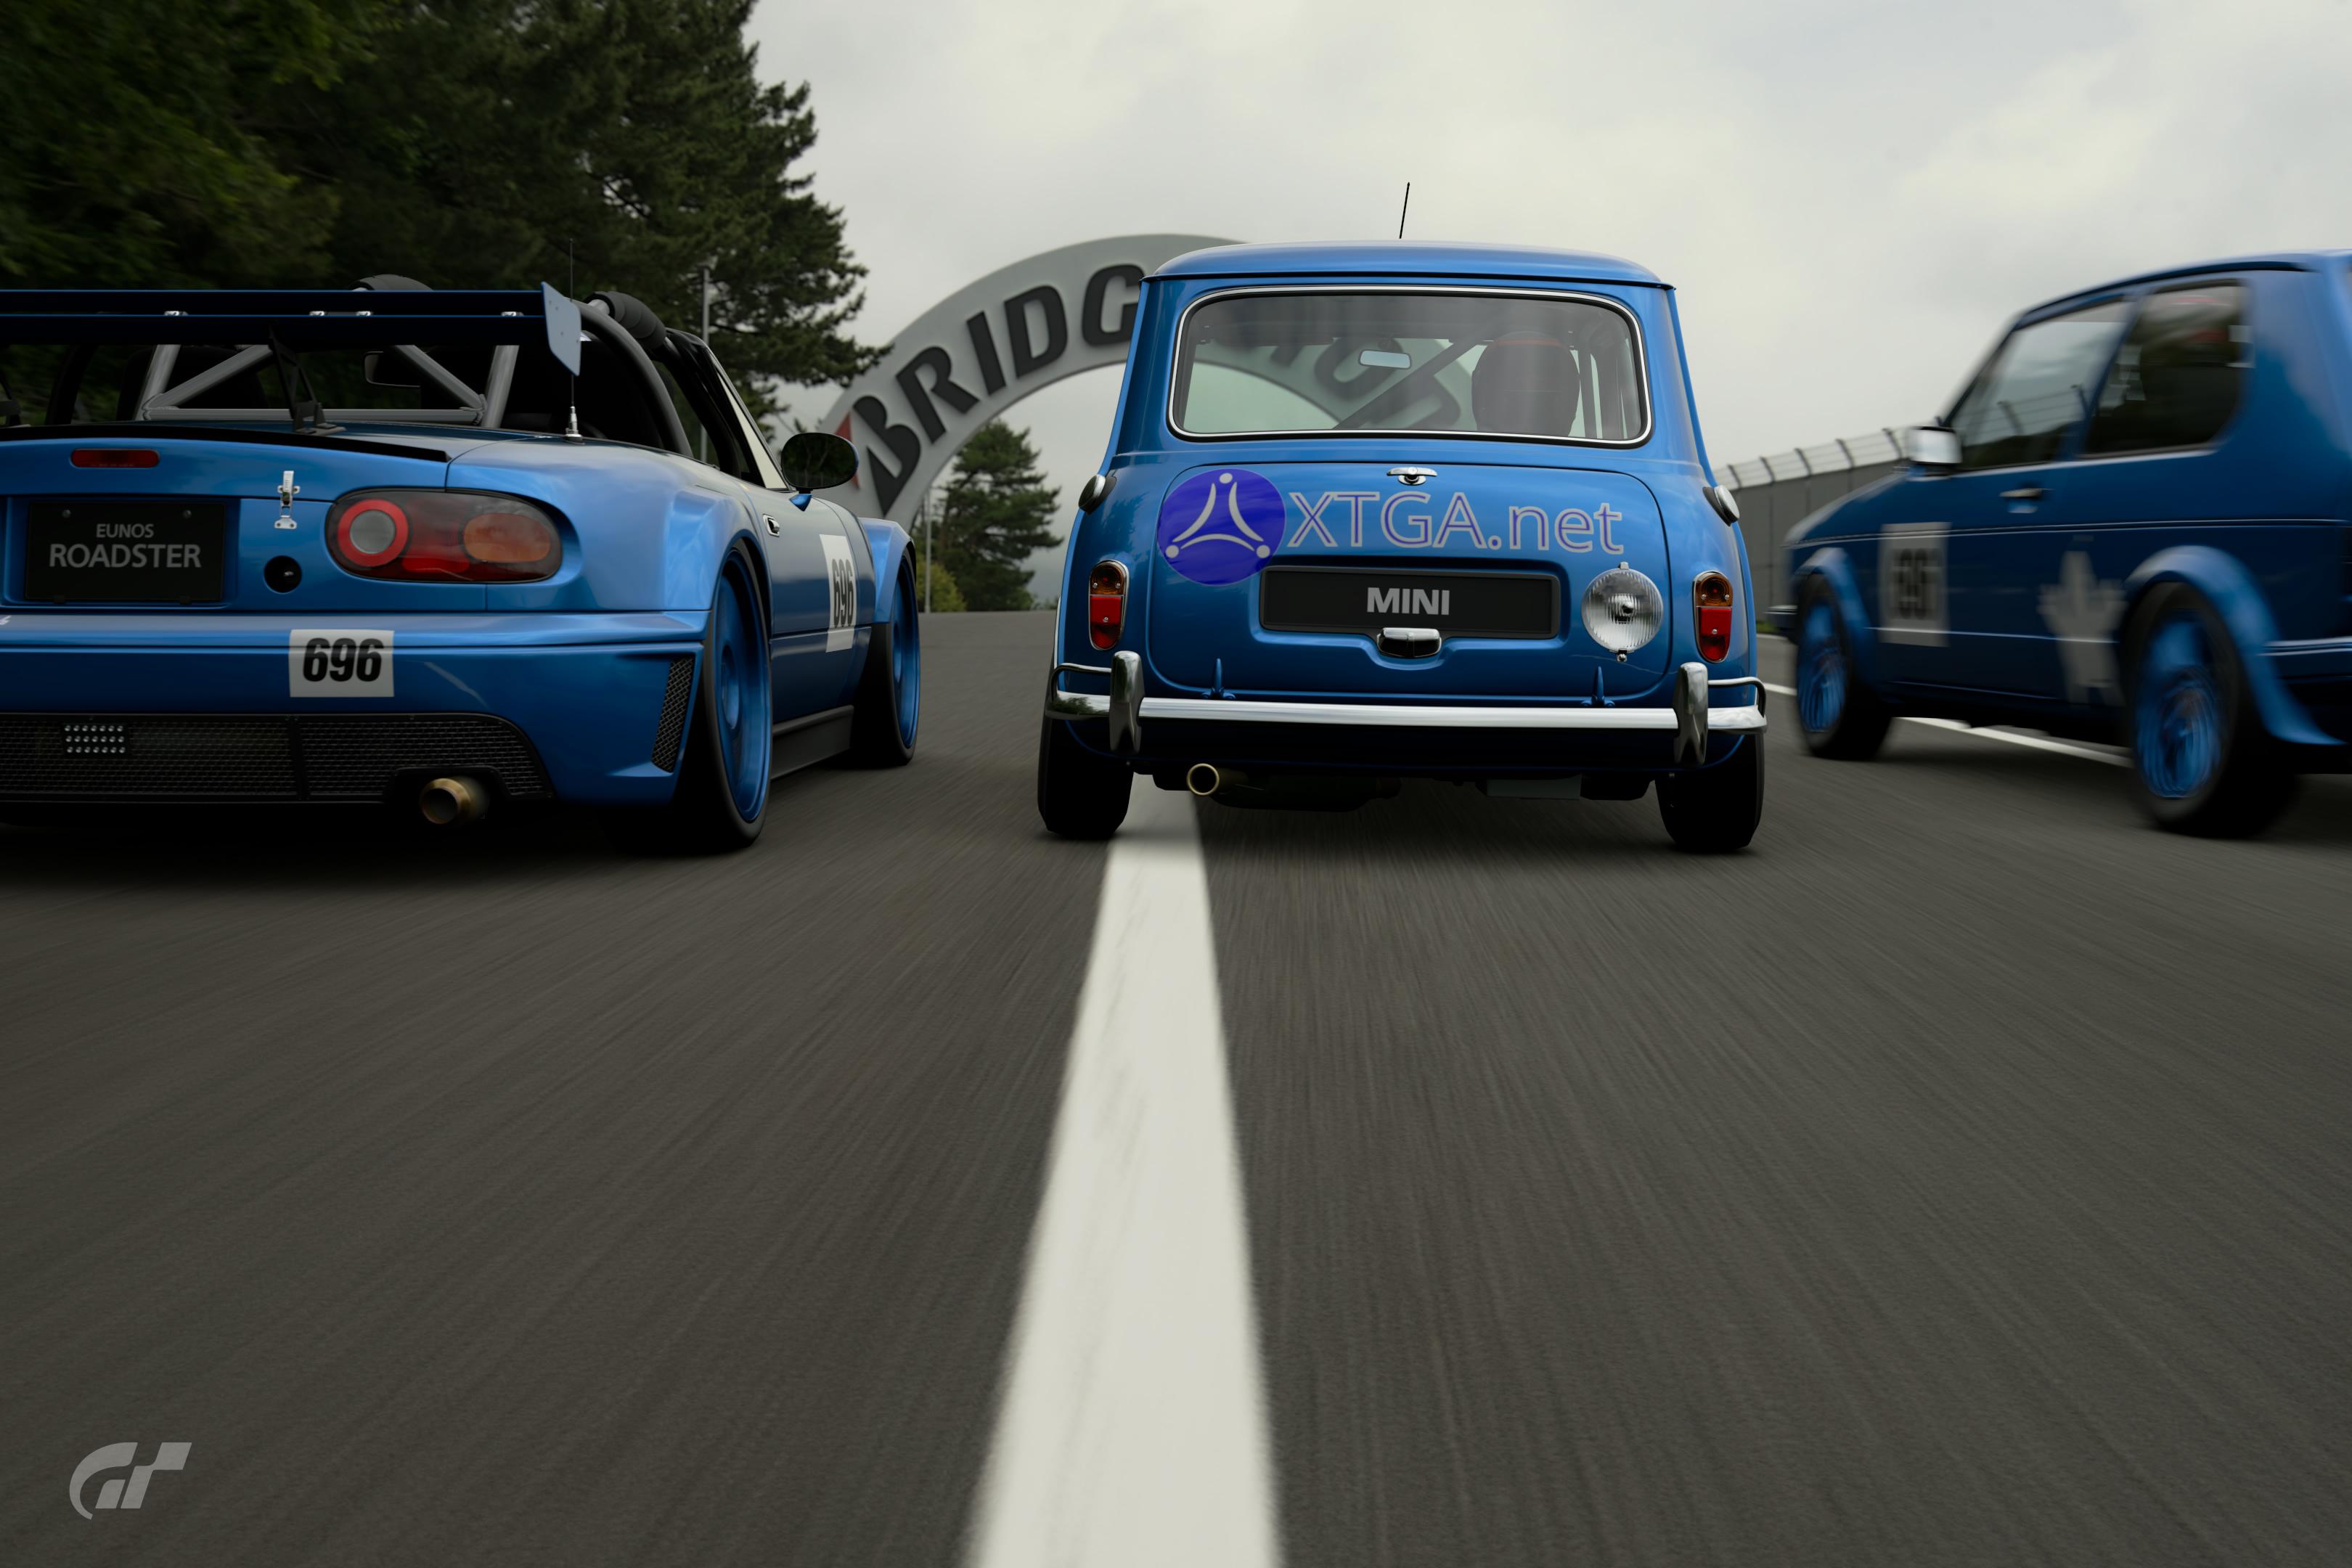 Mazda Roadster - Mini '63 - VW Golf '83